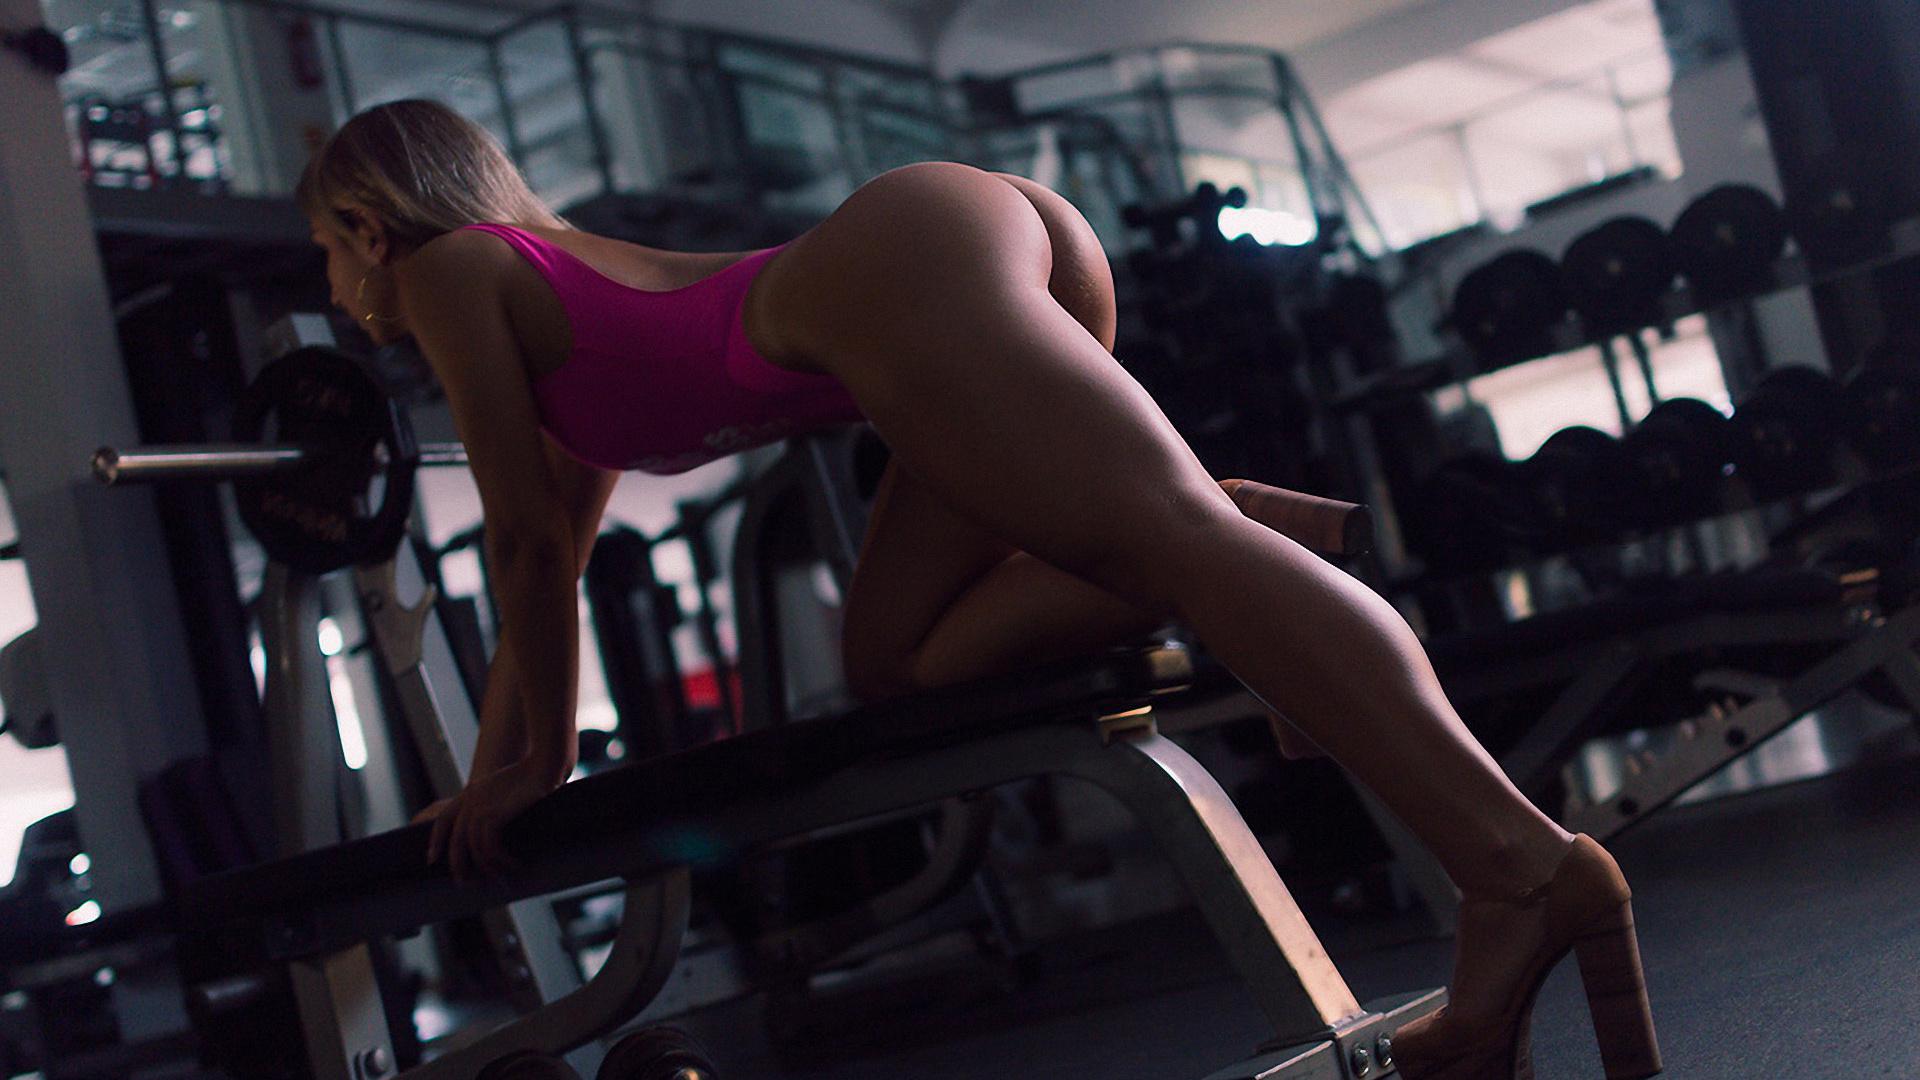 Сексуальный фитнес клуб, Подтянутые Девушки в Спортзале, Жесткий Трах 1 фотография